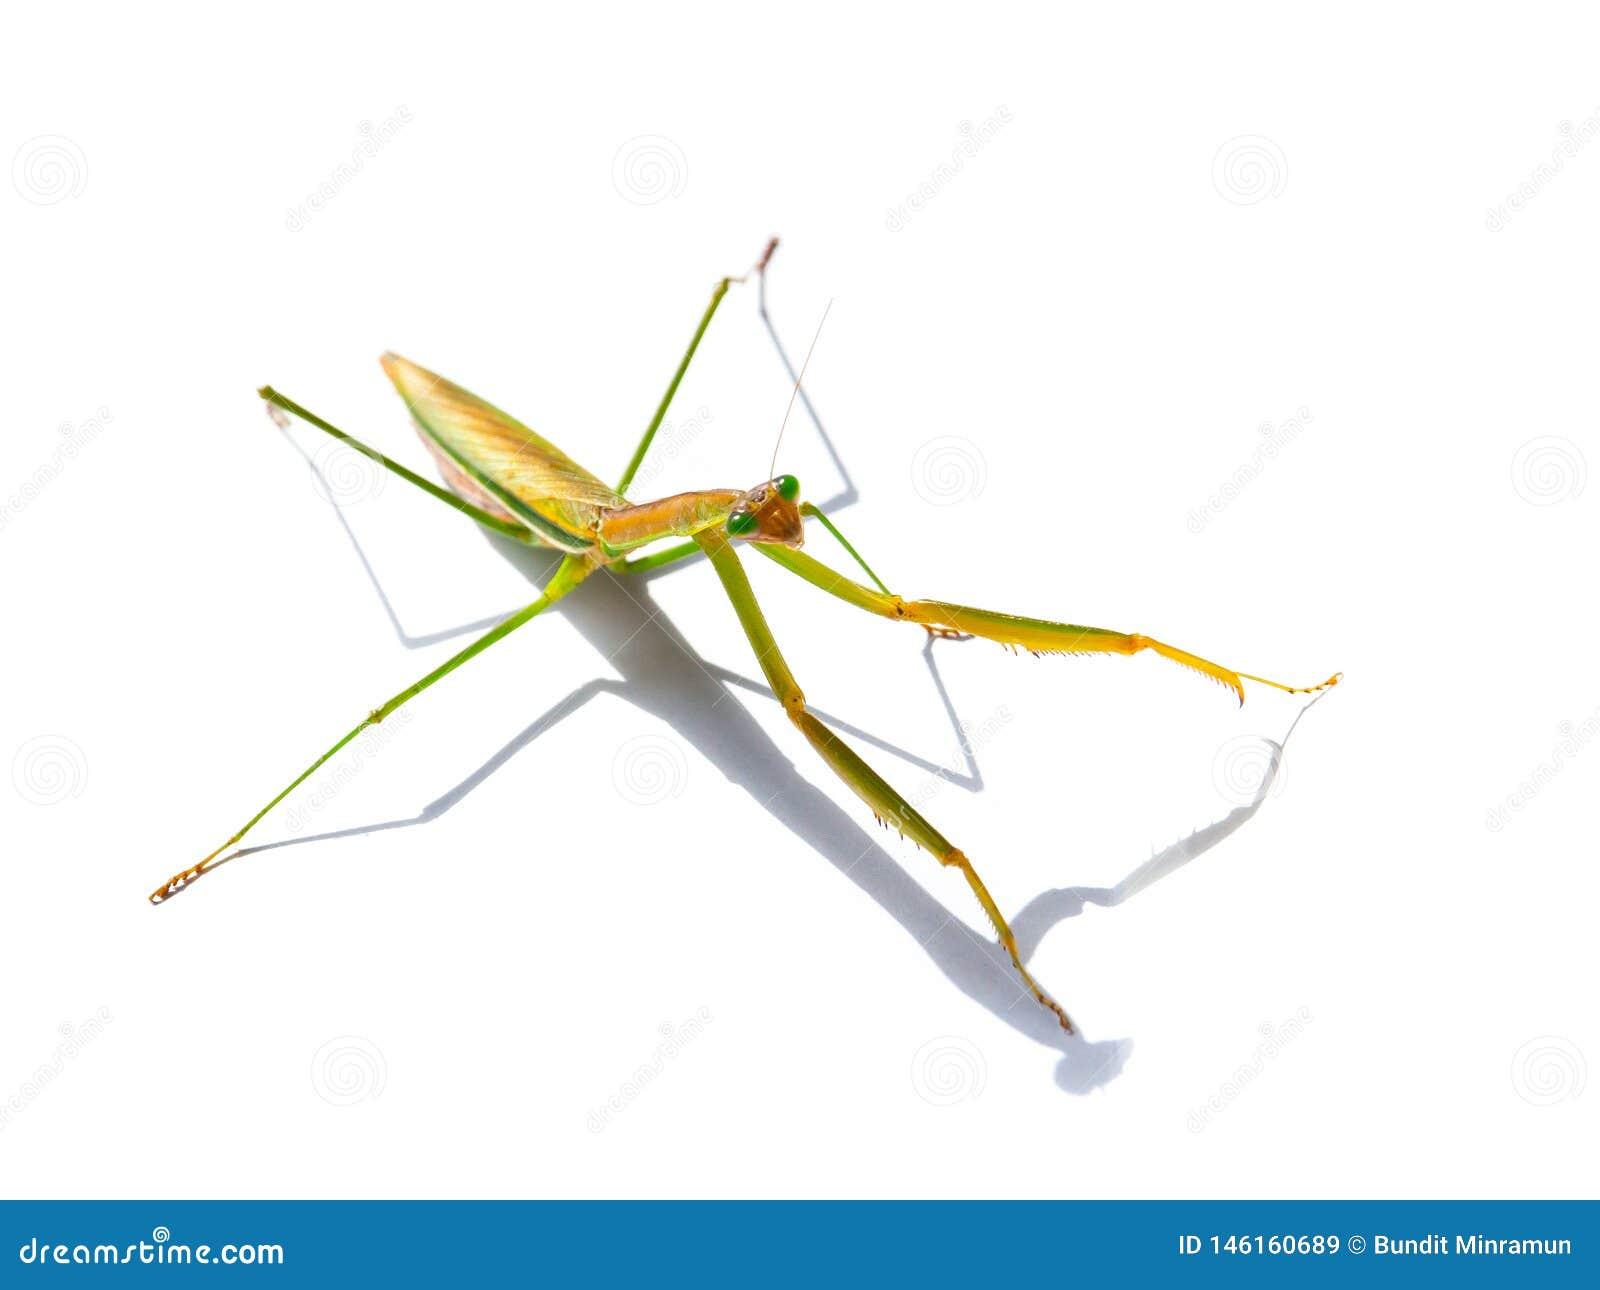 De groene Hierodula-patelliferaalgemene naam reuzeaziaat, de Bidsprinkhanen van Indochina of Harabiro-, is species van bidsprinkh